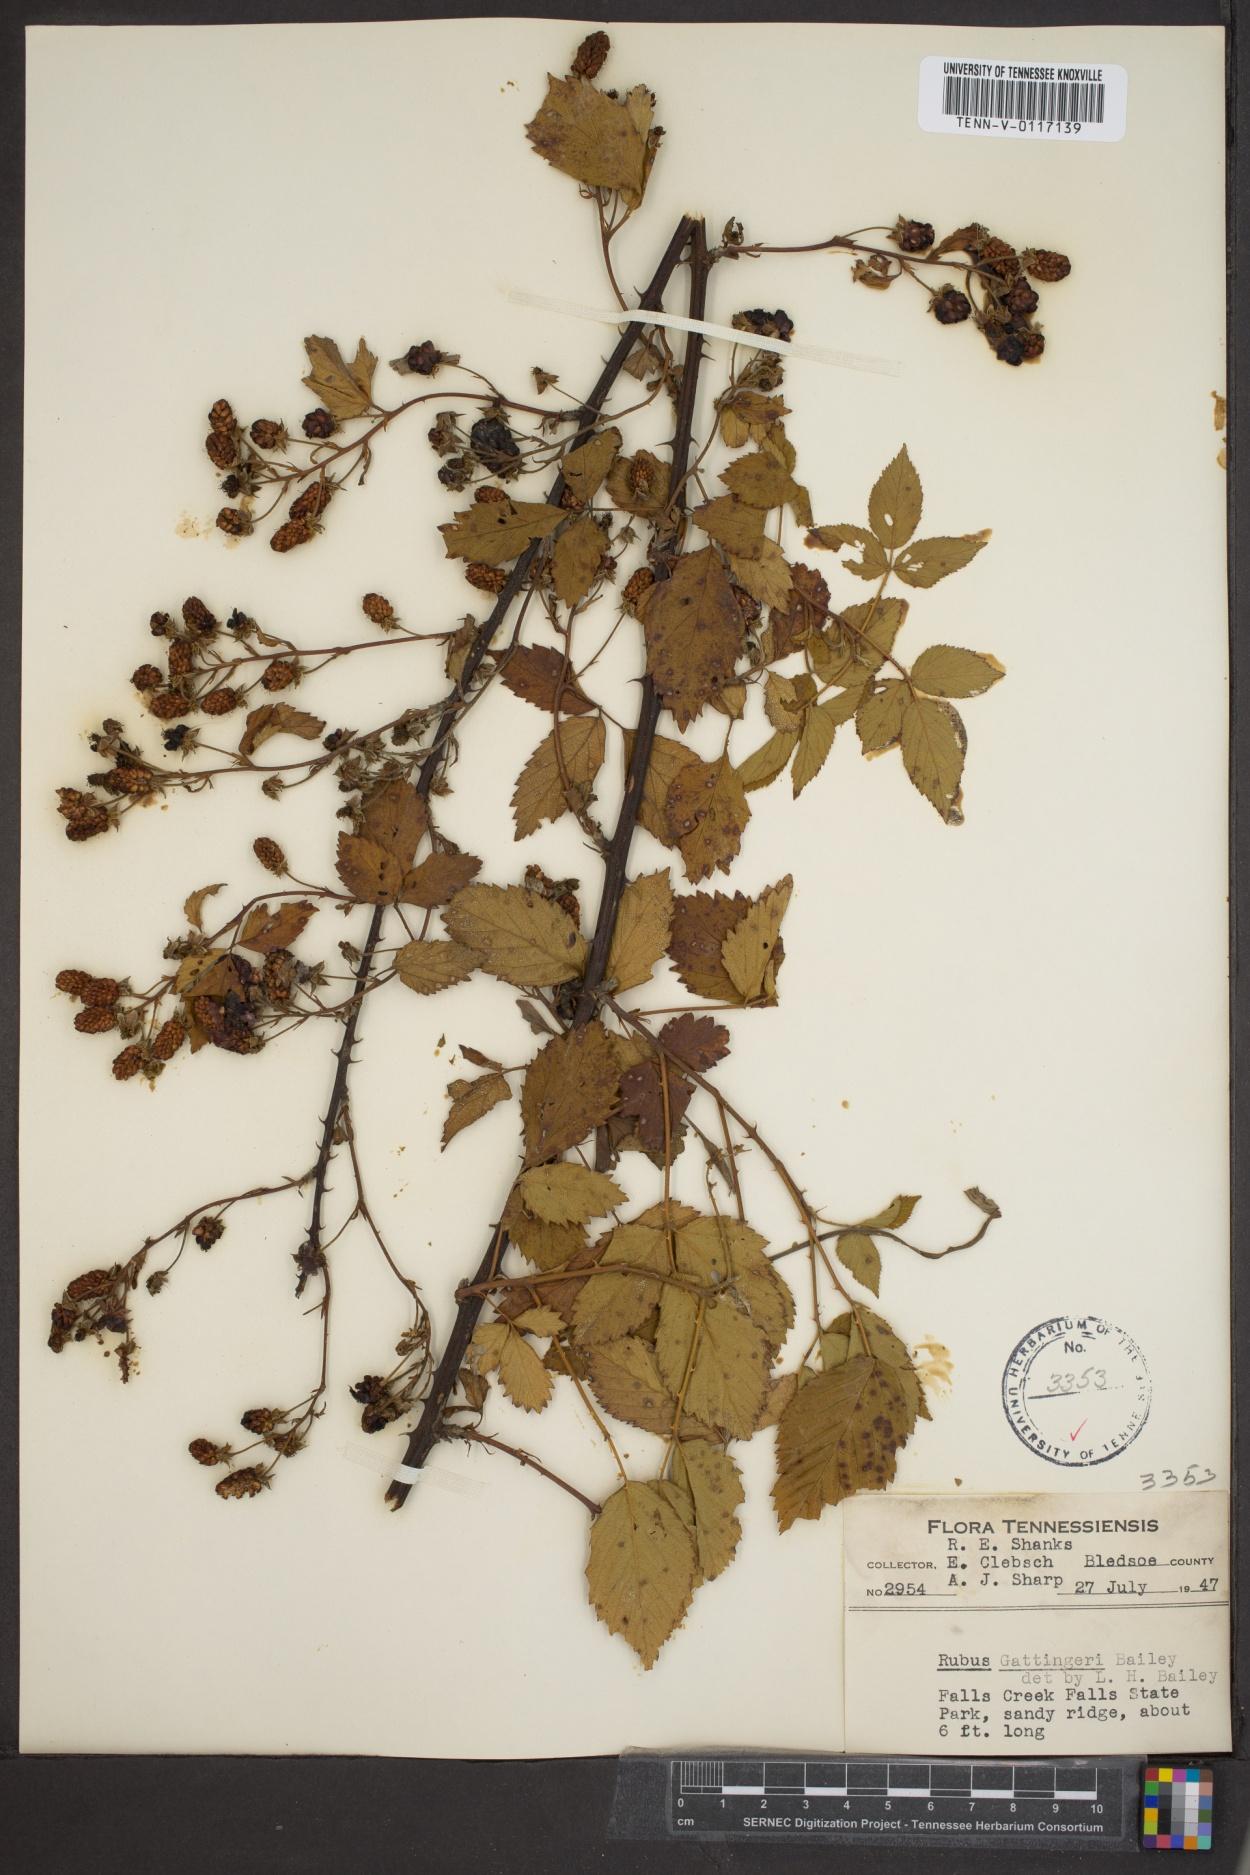 Rubus gattingeri image